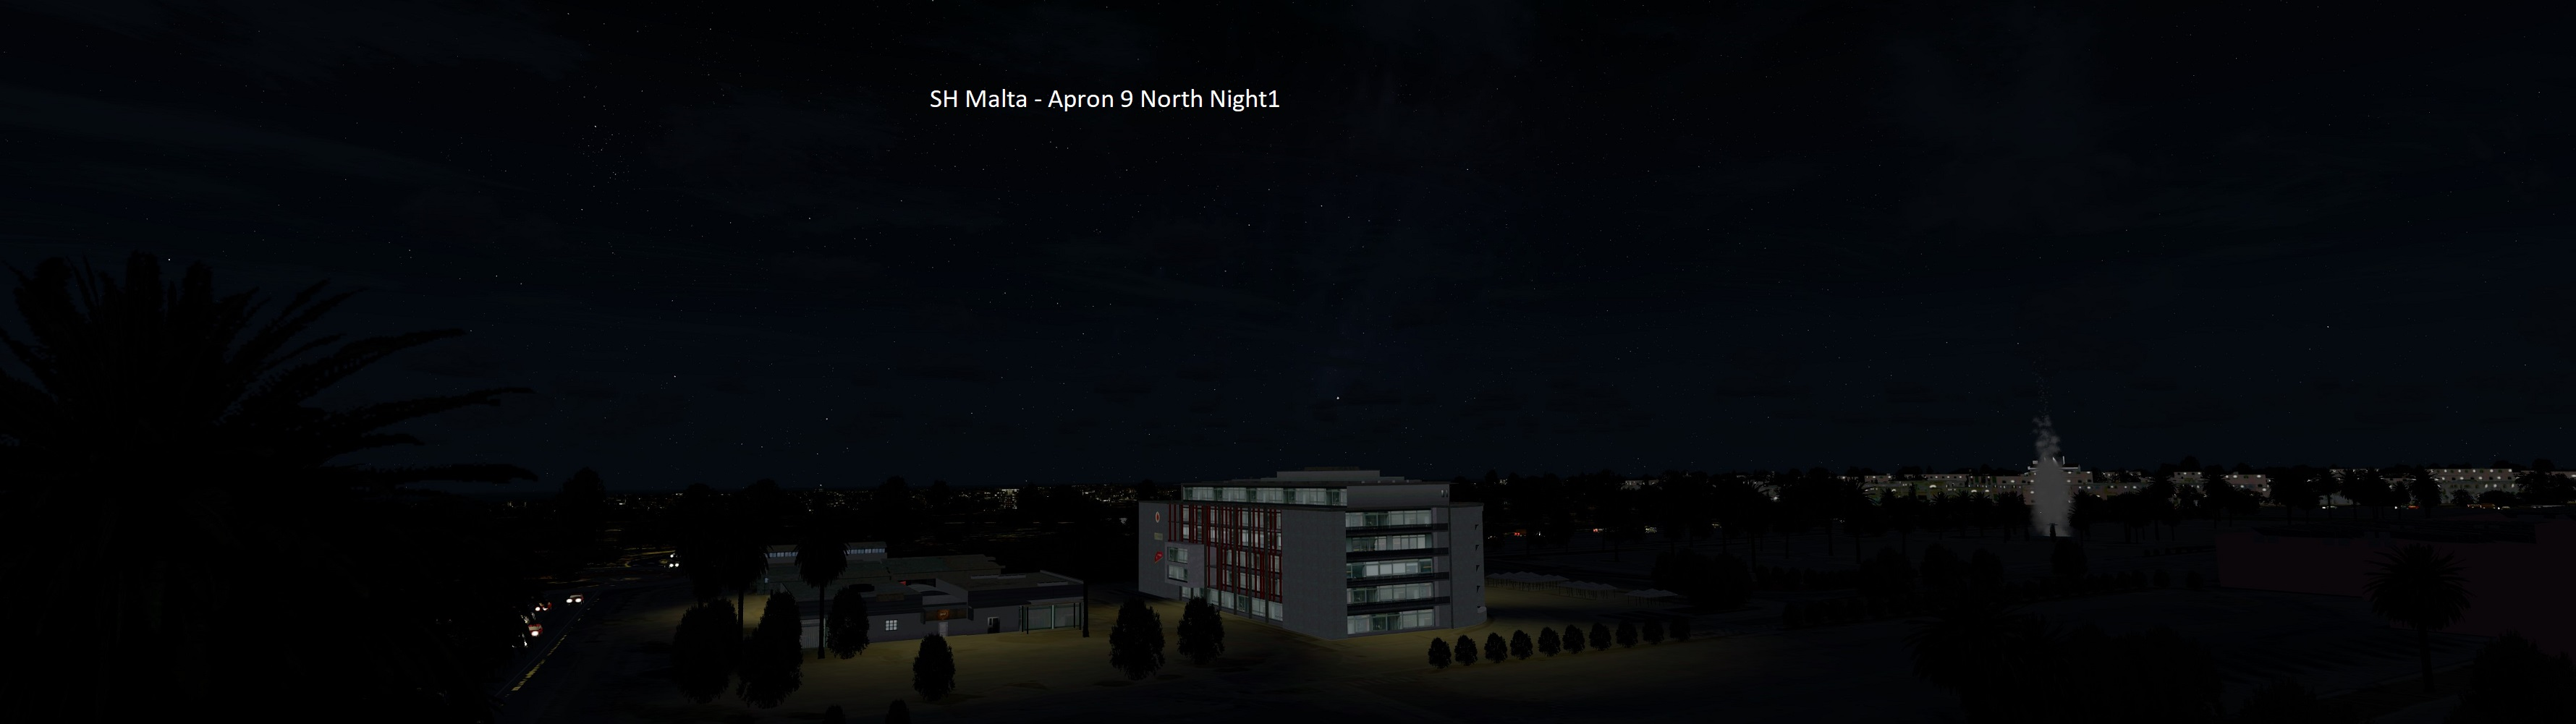 night1i7jjb.jpg